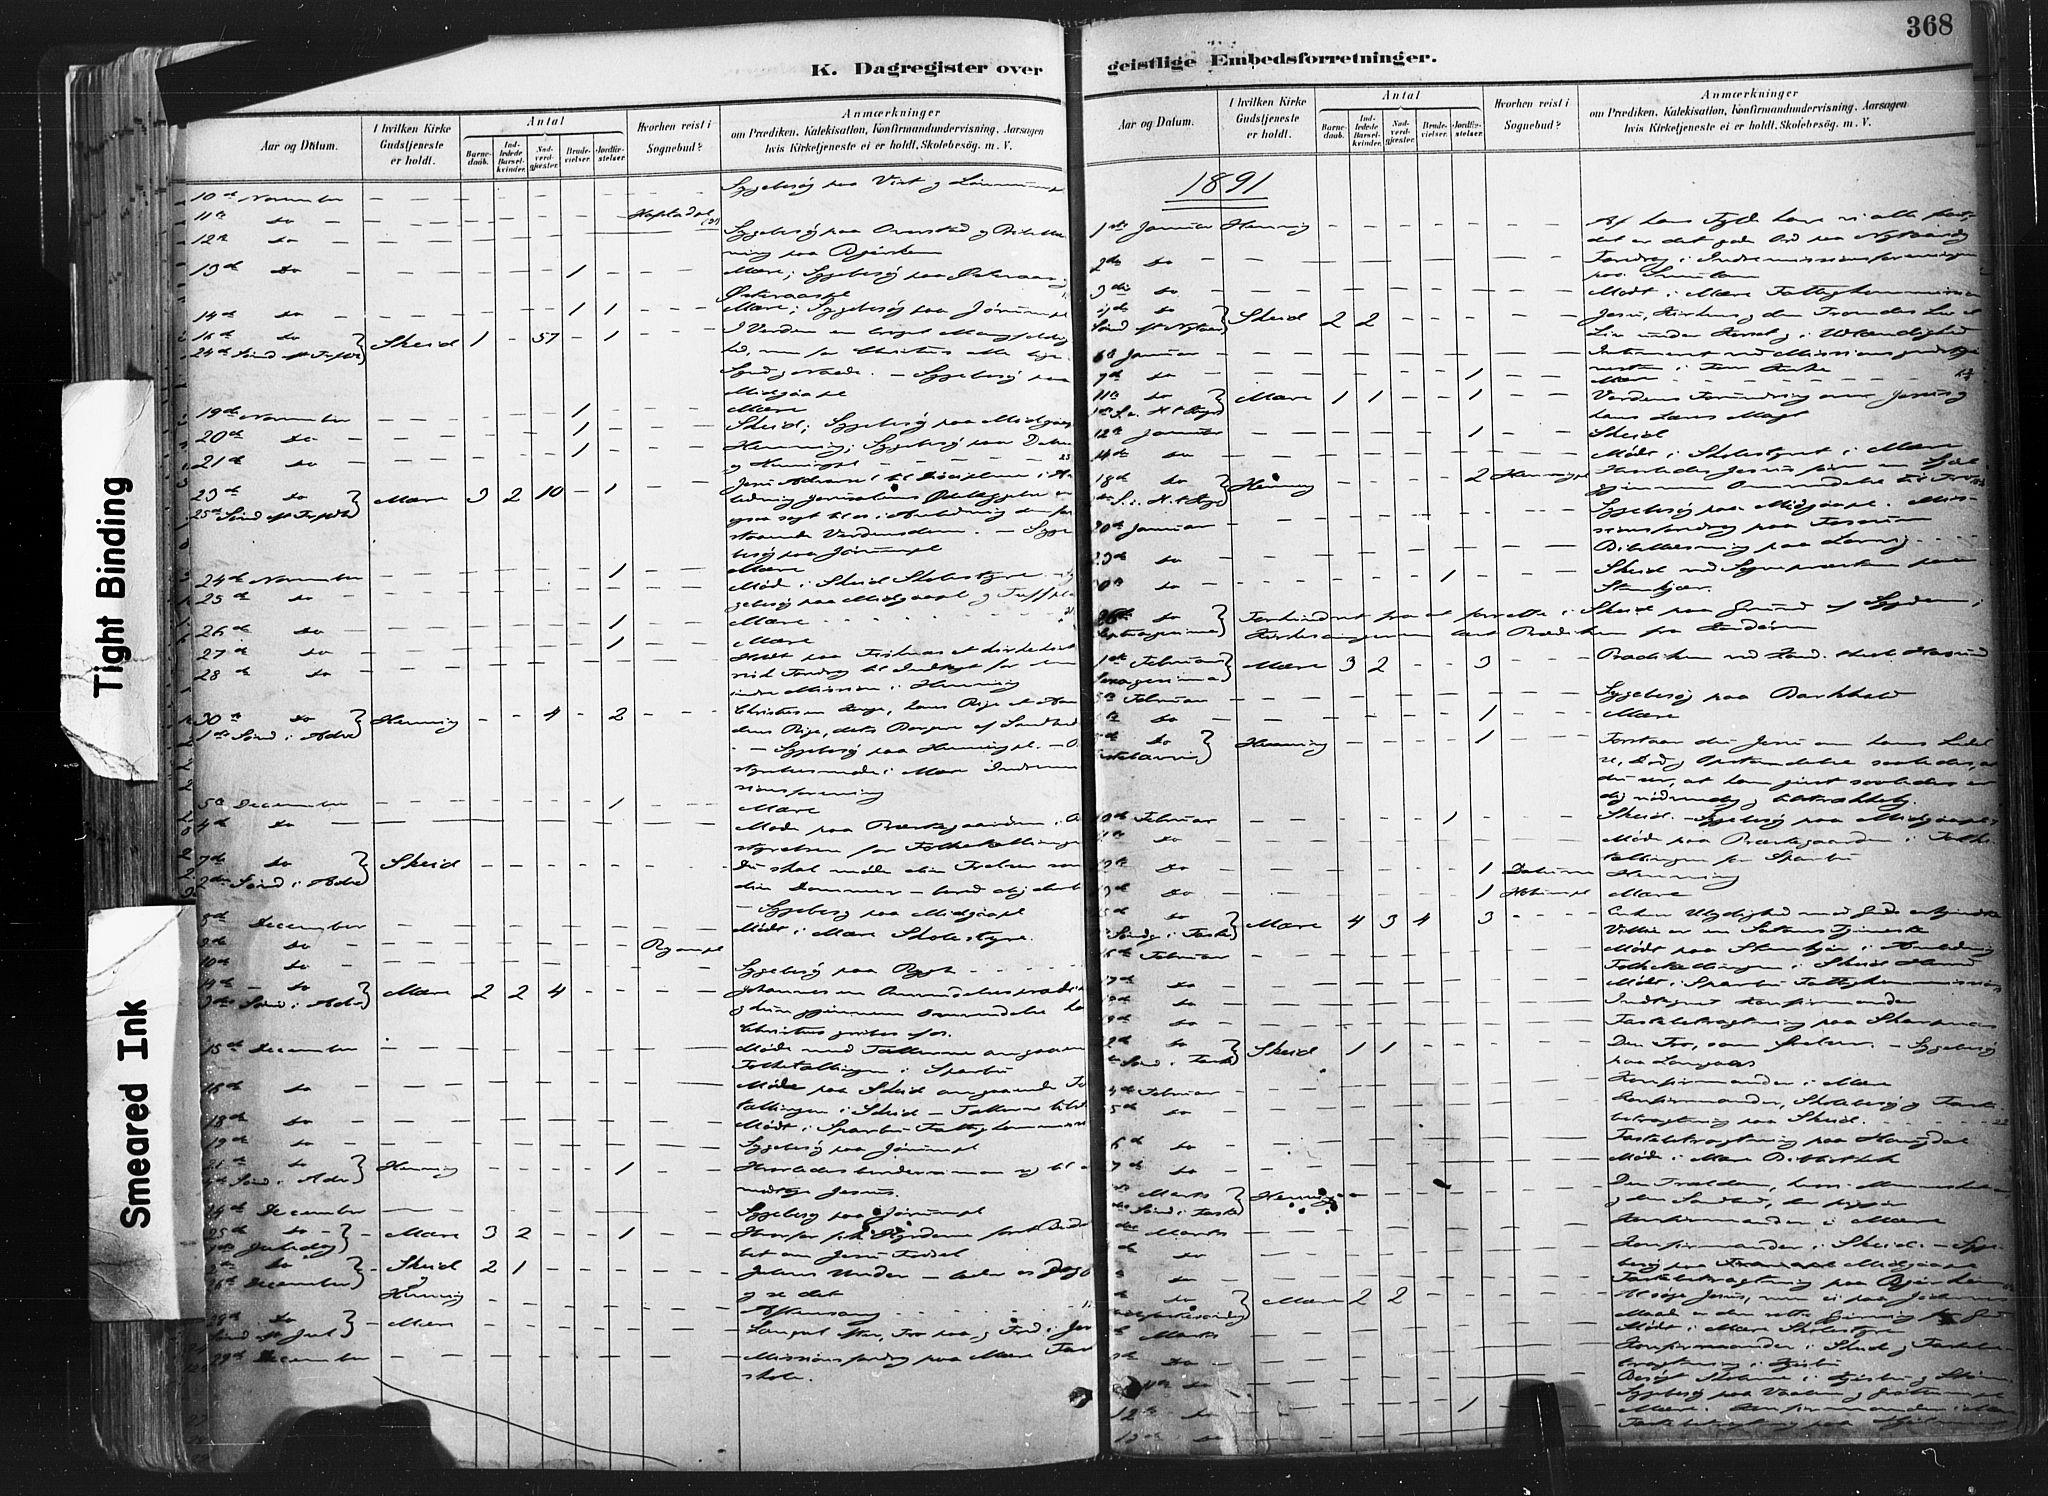 SAT, Ministerialprotokoller, klokkerbøker og fødselsregistre - Nord-Trøndelag, 735/L0351: Ministerialbok nr. 735A10, 1884-1908, s. 368